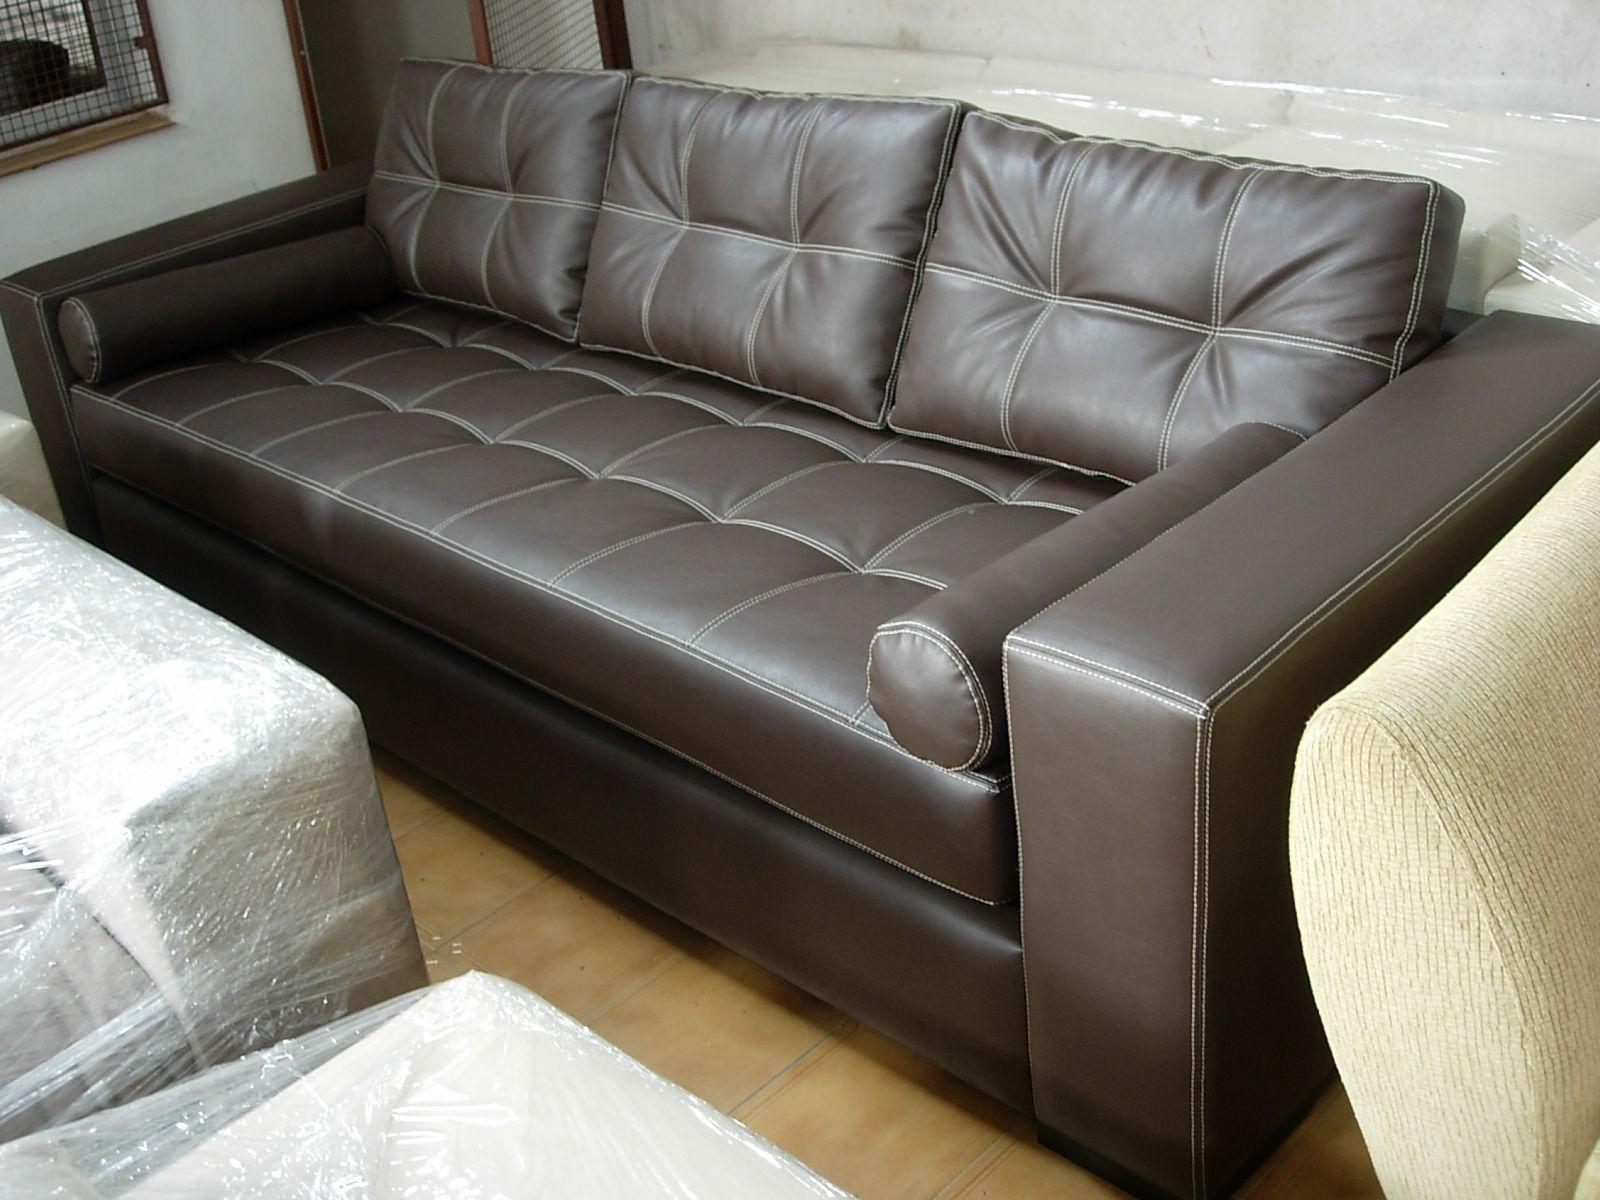 Sofas modernos y comodos sofs cama with sofas modernos y for Sofas modernos y comodos